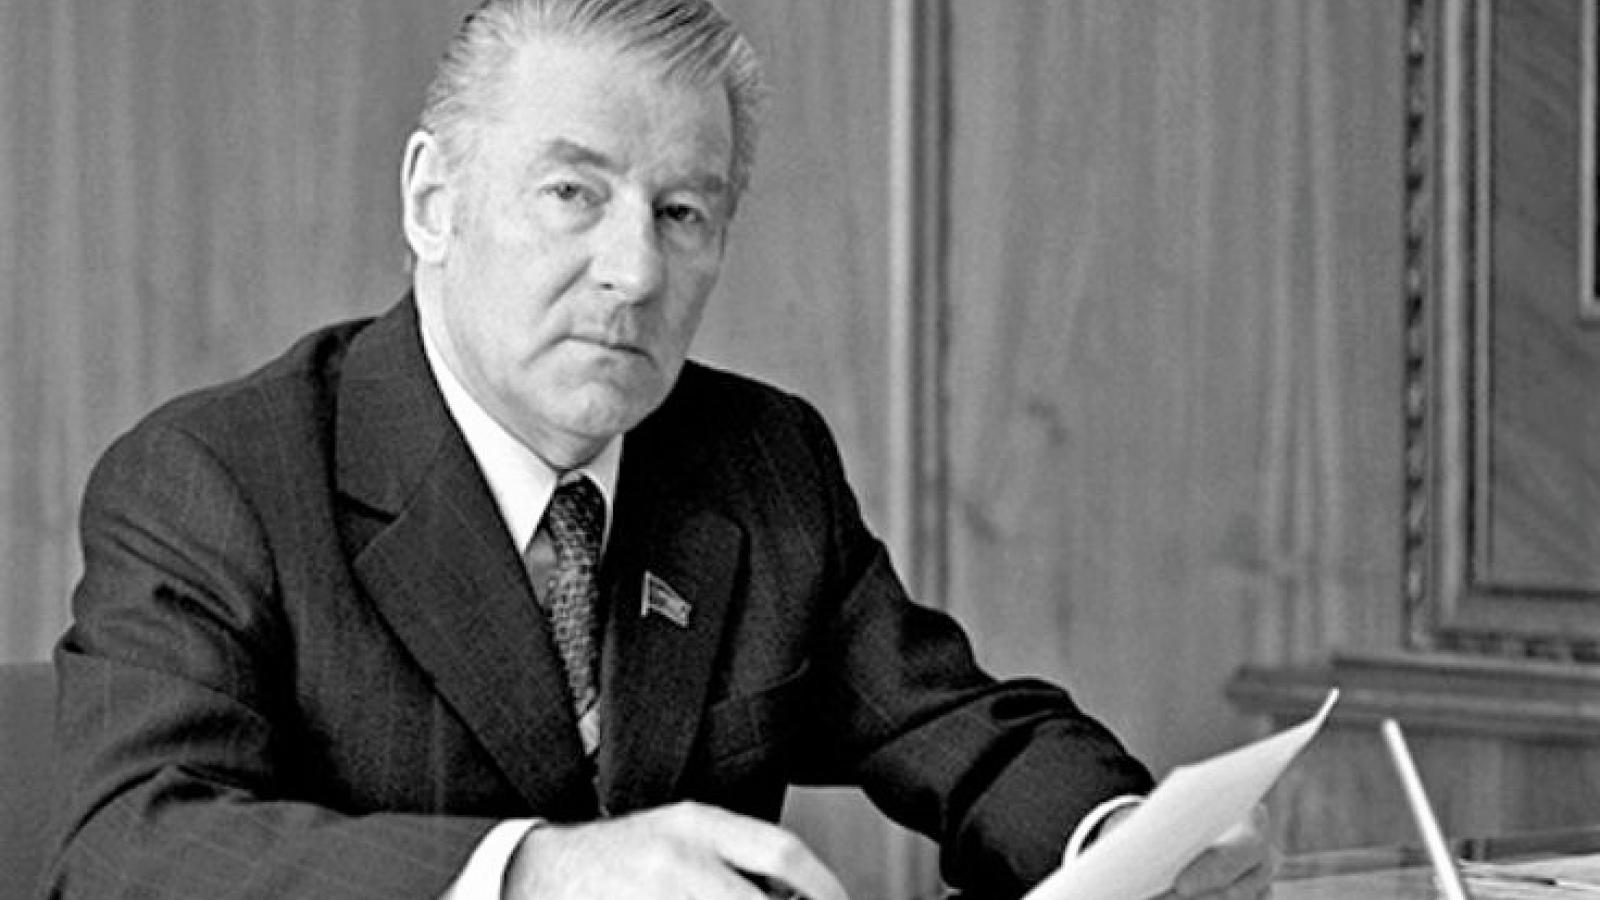 Lãnh đạo CPSU sợ Ủy ban Kiểm tra TW hơn KGB